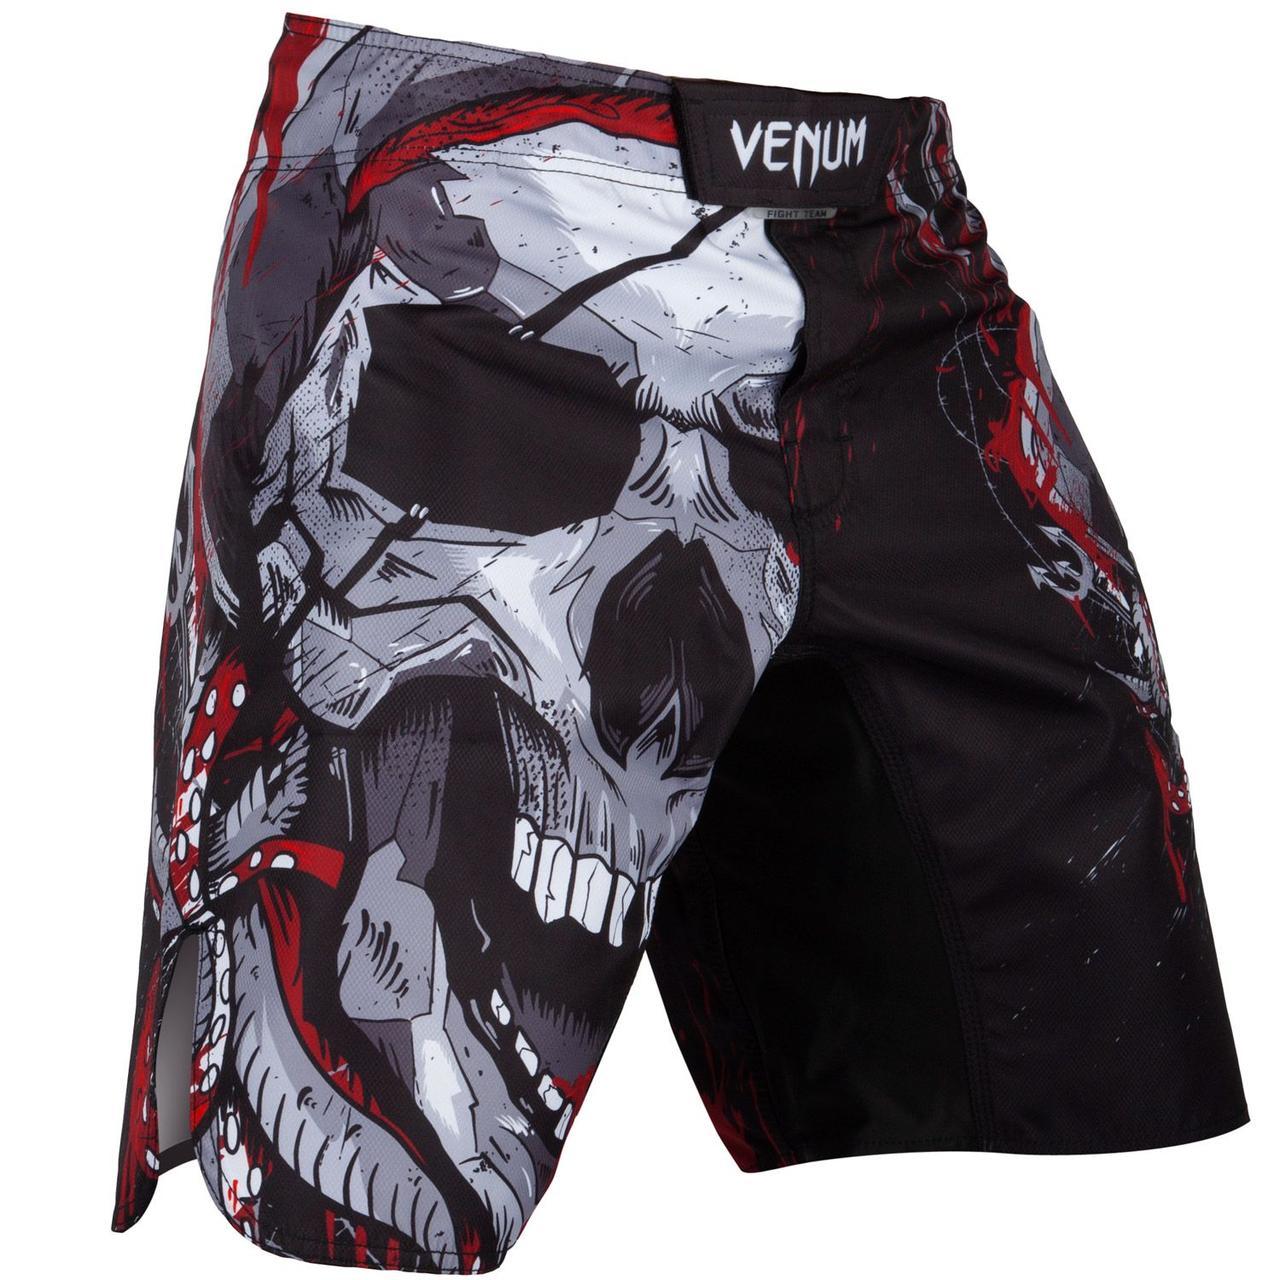 Шорты для MMA Venum Pirate 3.0 Fightshorts Black Red